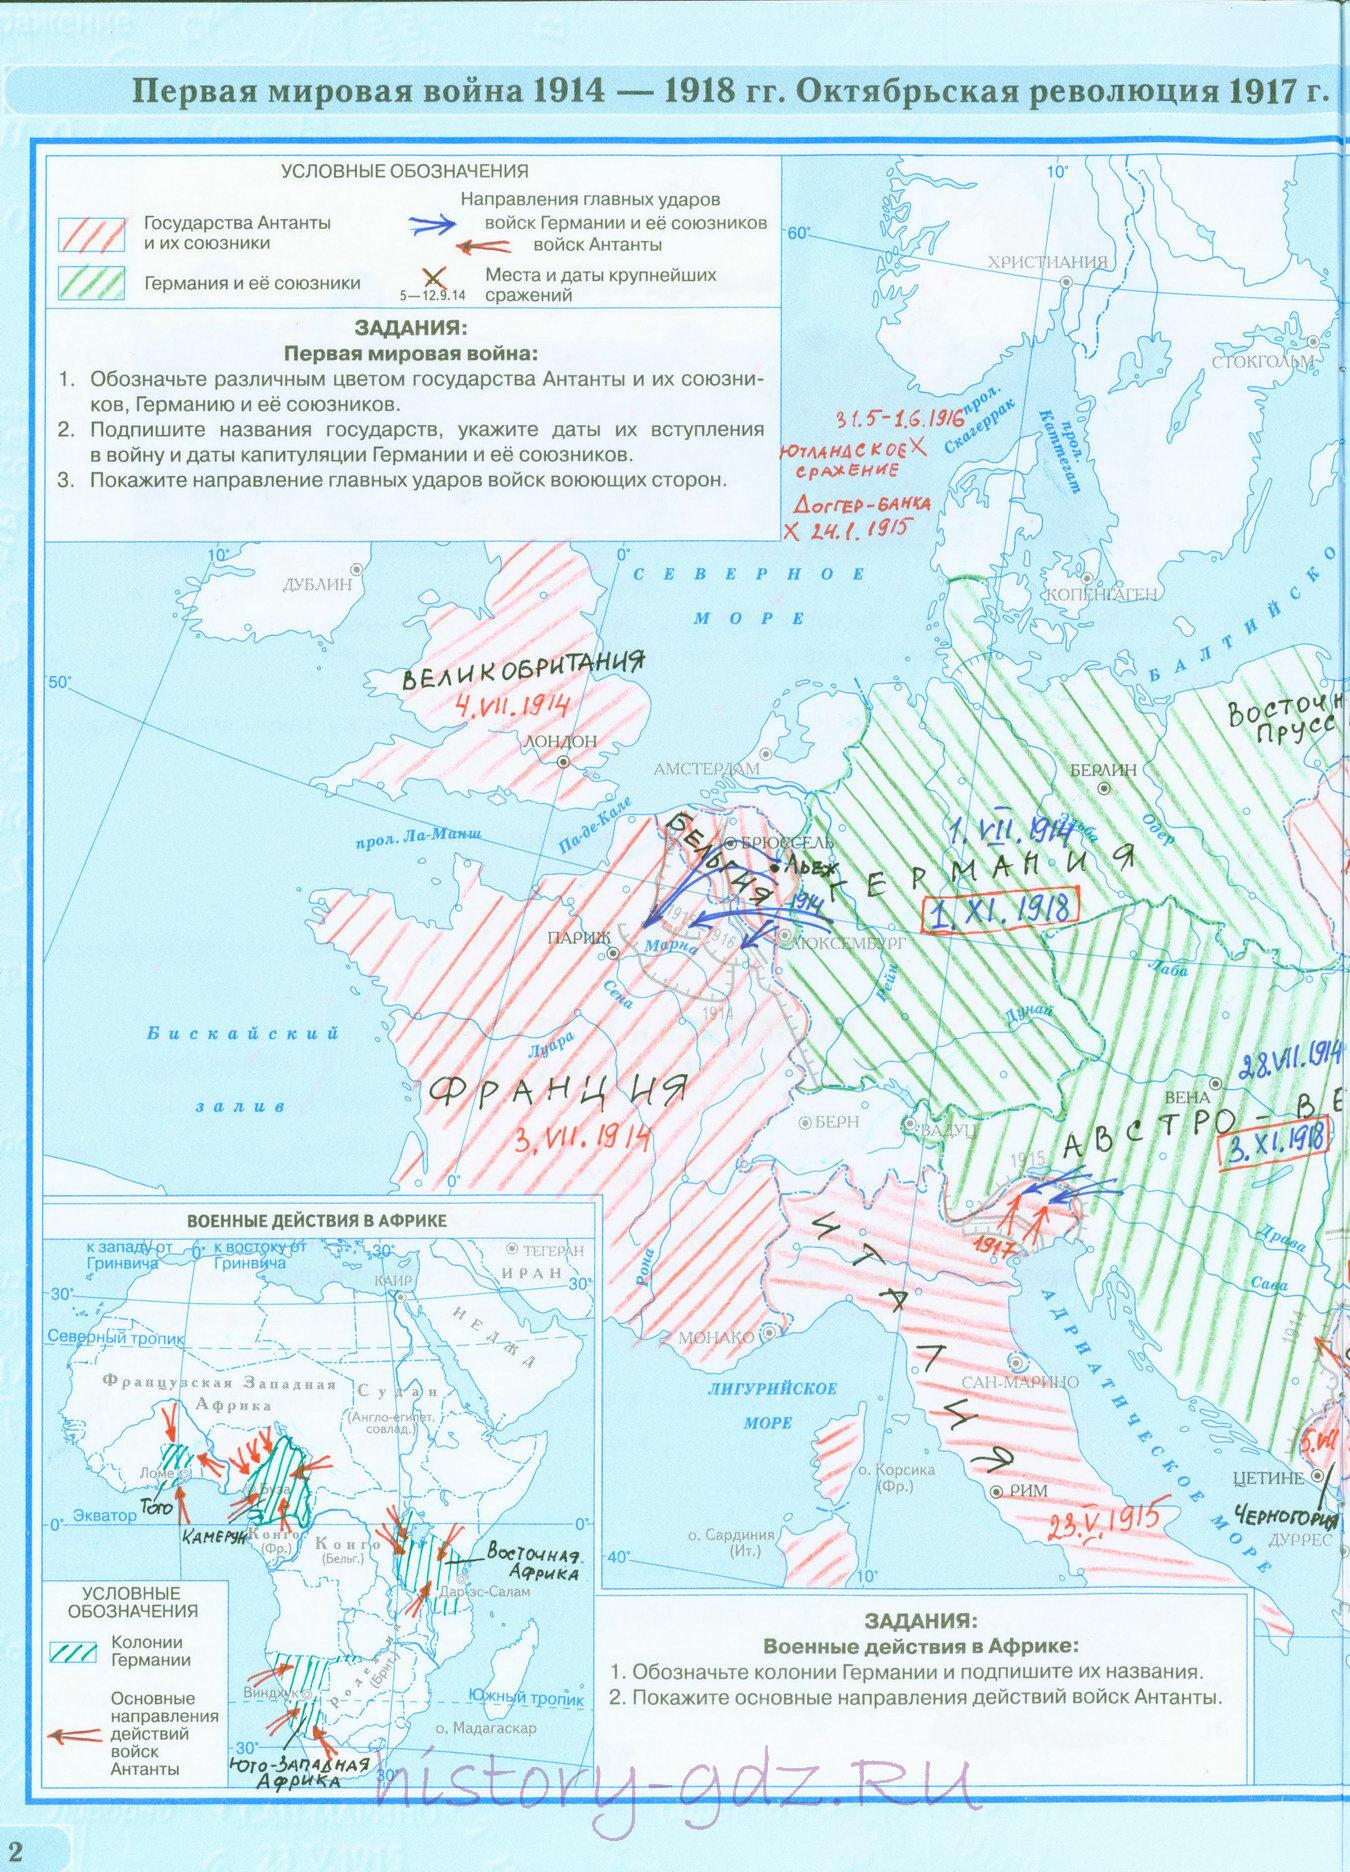 Решебник по всемирной истории 9 класс бердичевский щупак морозова